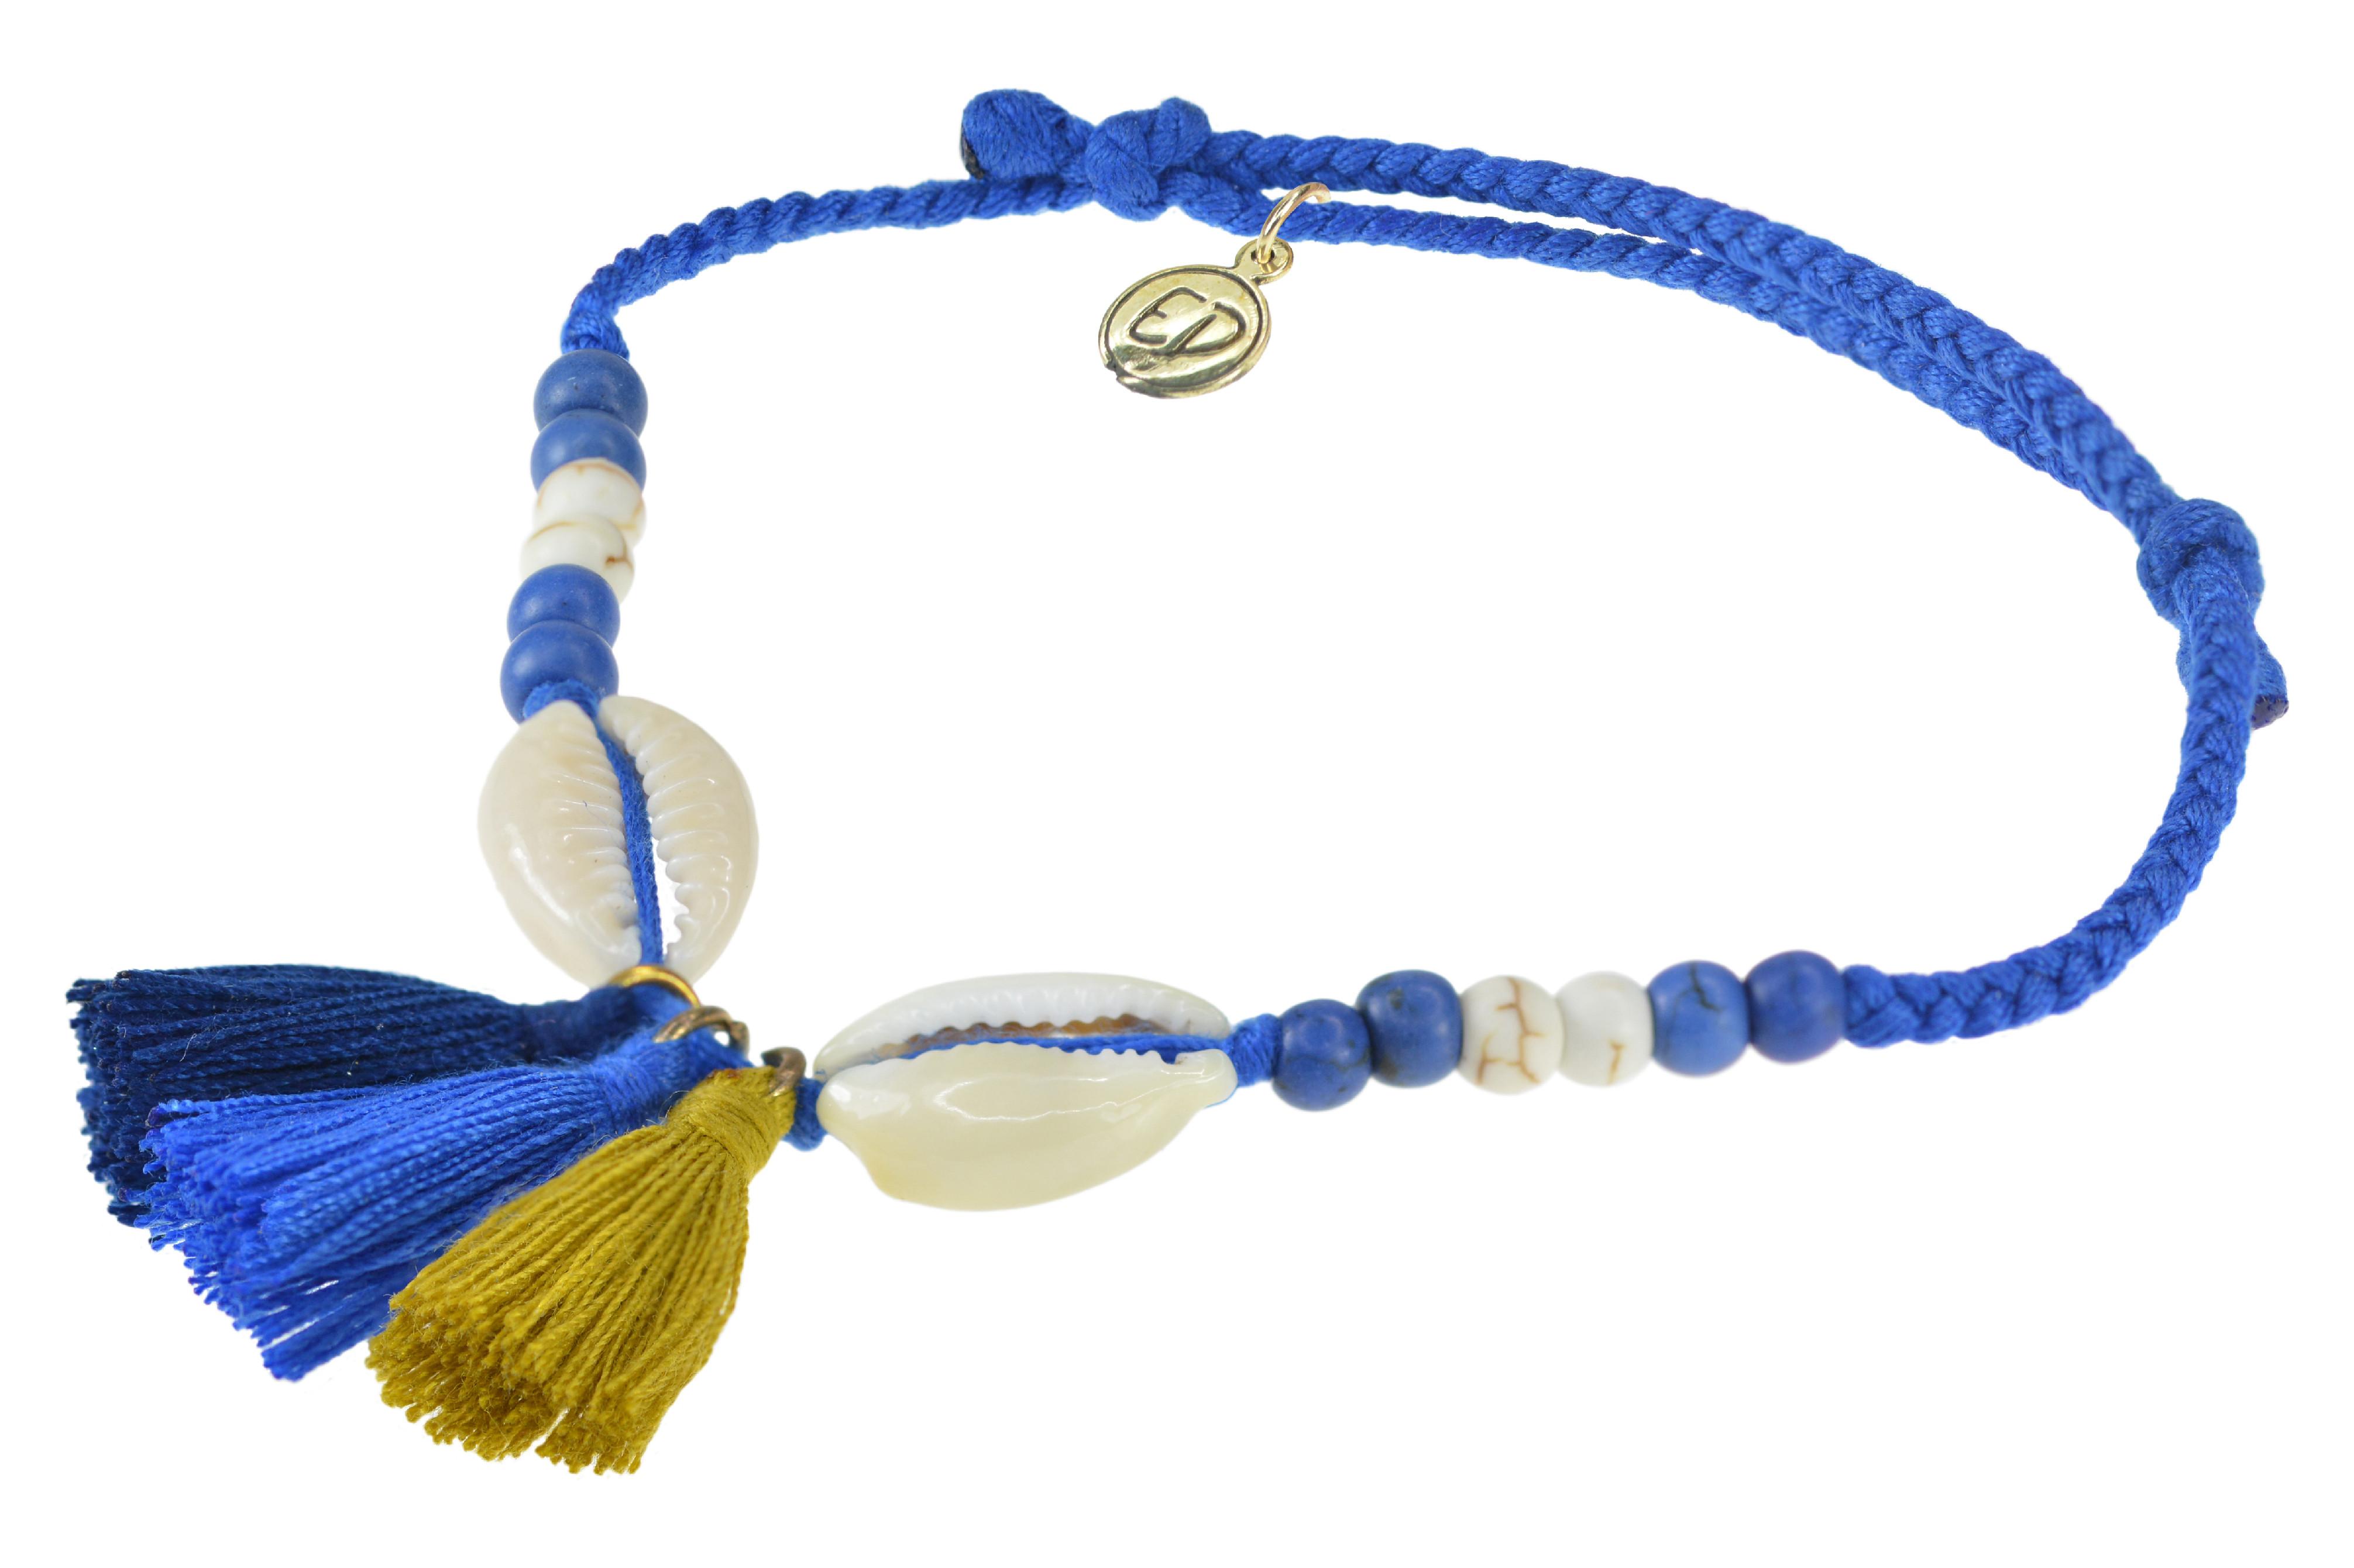 Dámsky pletený náramok s mušľami a strapcami - ultramarine